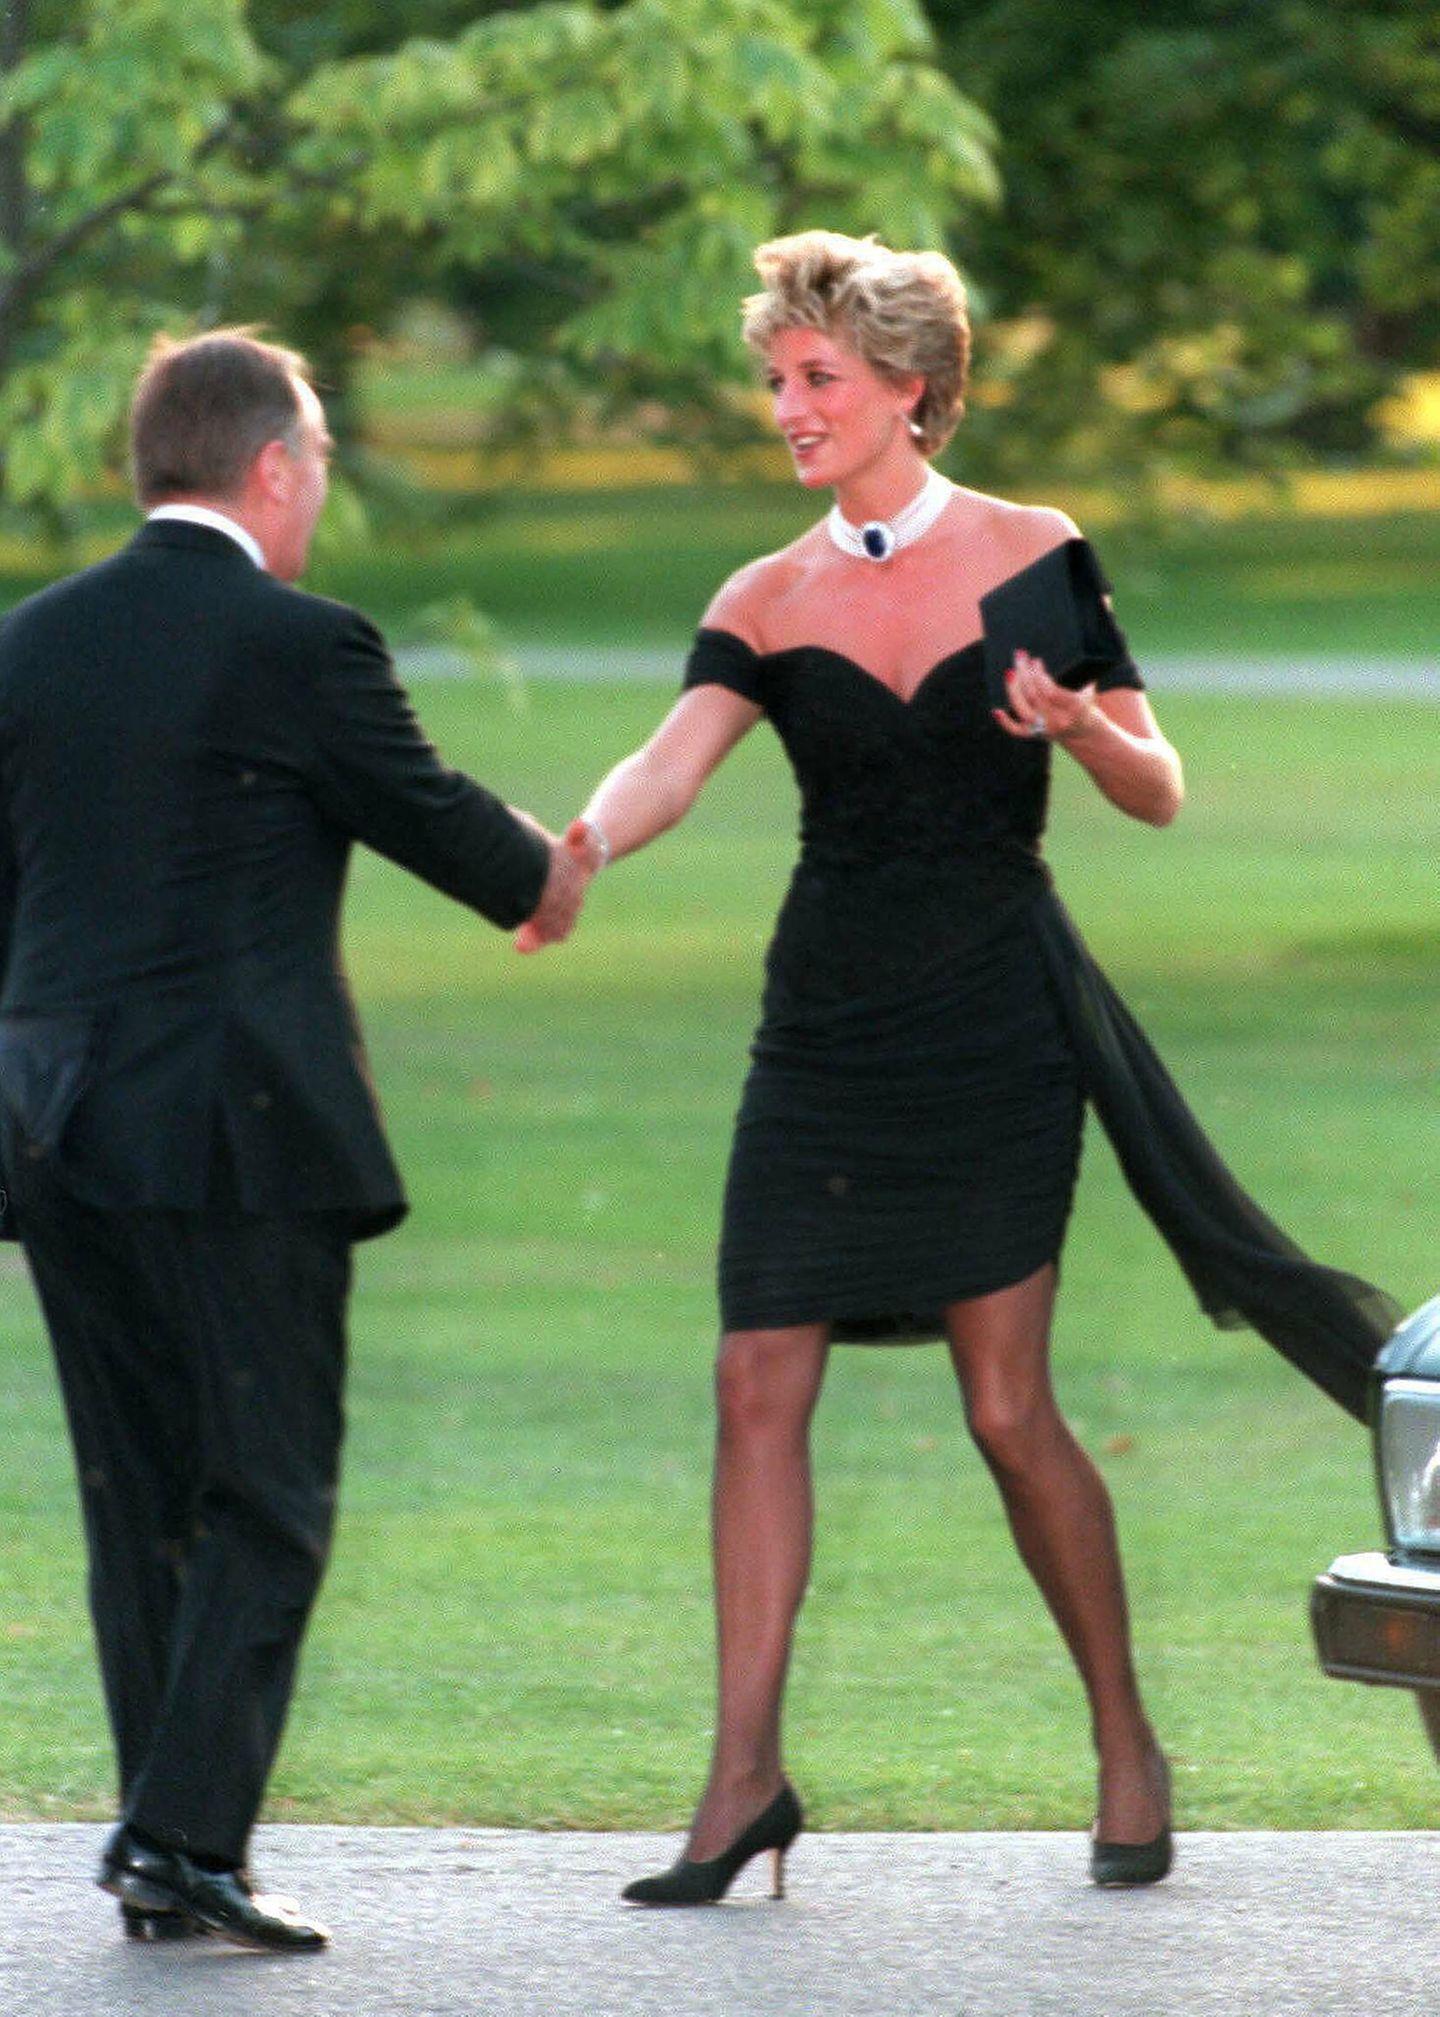 """Es ist das vermutlich berühmteste Kleid der Welt – das sogenannte """"Rache-Kleid""""! Bei einer Sommerparty 1994 hebte Diana das kleine Schwarze auf ein neues Style-Level. Der enge Schnitt und die nackten Schultern waren ultrasexy und sorgten für einen Auftritt, der wohl für immer unvergessen bleibt. Das LBD wurde übrigens """"Rache-Kleid"""" getauft, weil Prince Charles nur wenige Stunden vor Dianas Auftritt in einem TV-Interview öffentlich zugab, während seiner Ehe mit ihreine Affäre mit Camilla Parker-Bowles gehabt zu haben. Kein Wunder also, dass Diana der Welt danach nur zu gerne gezeigt hat, was ihr untreuer Exmann da verpasst, oder?"""